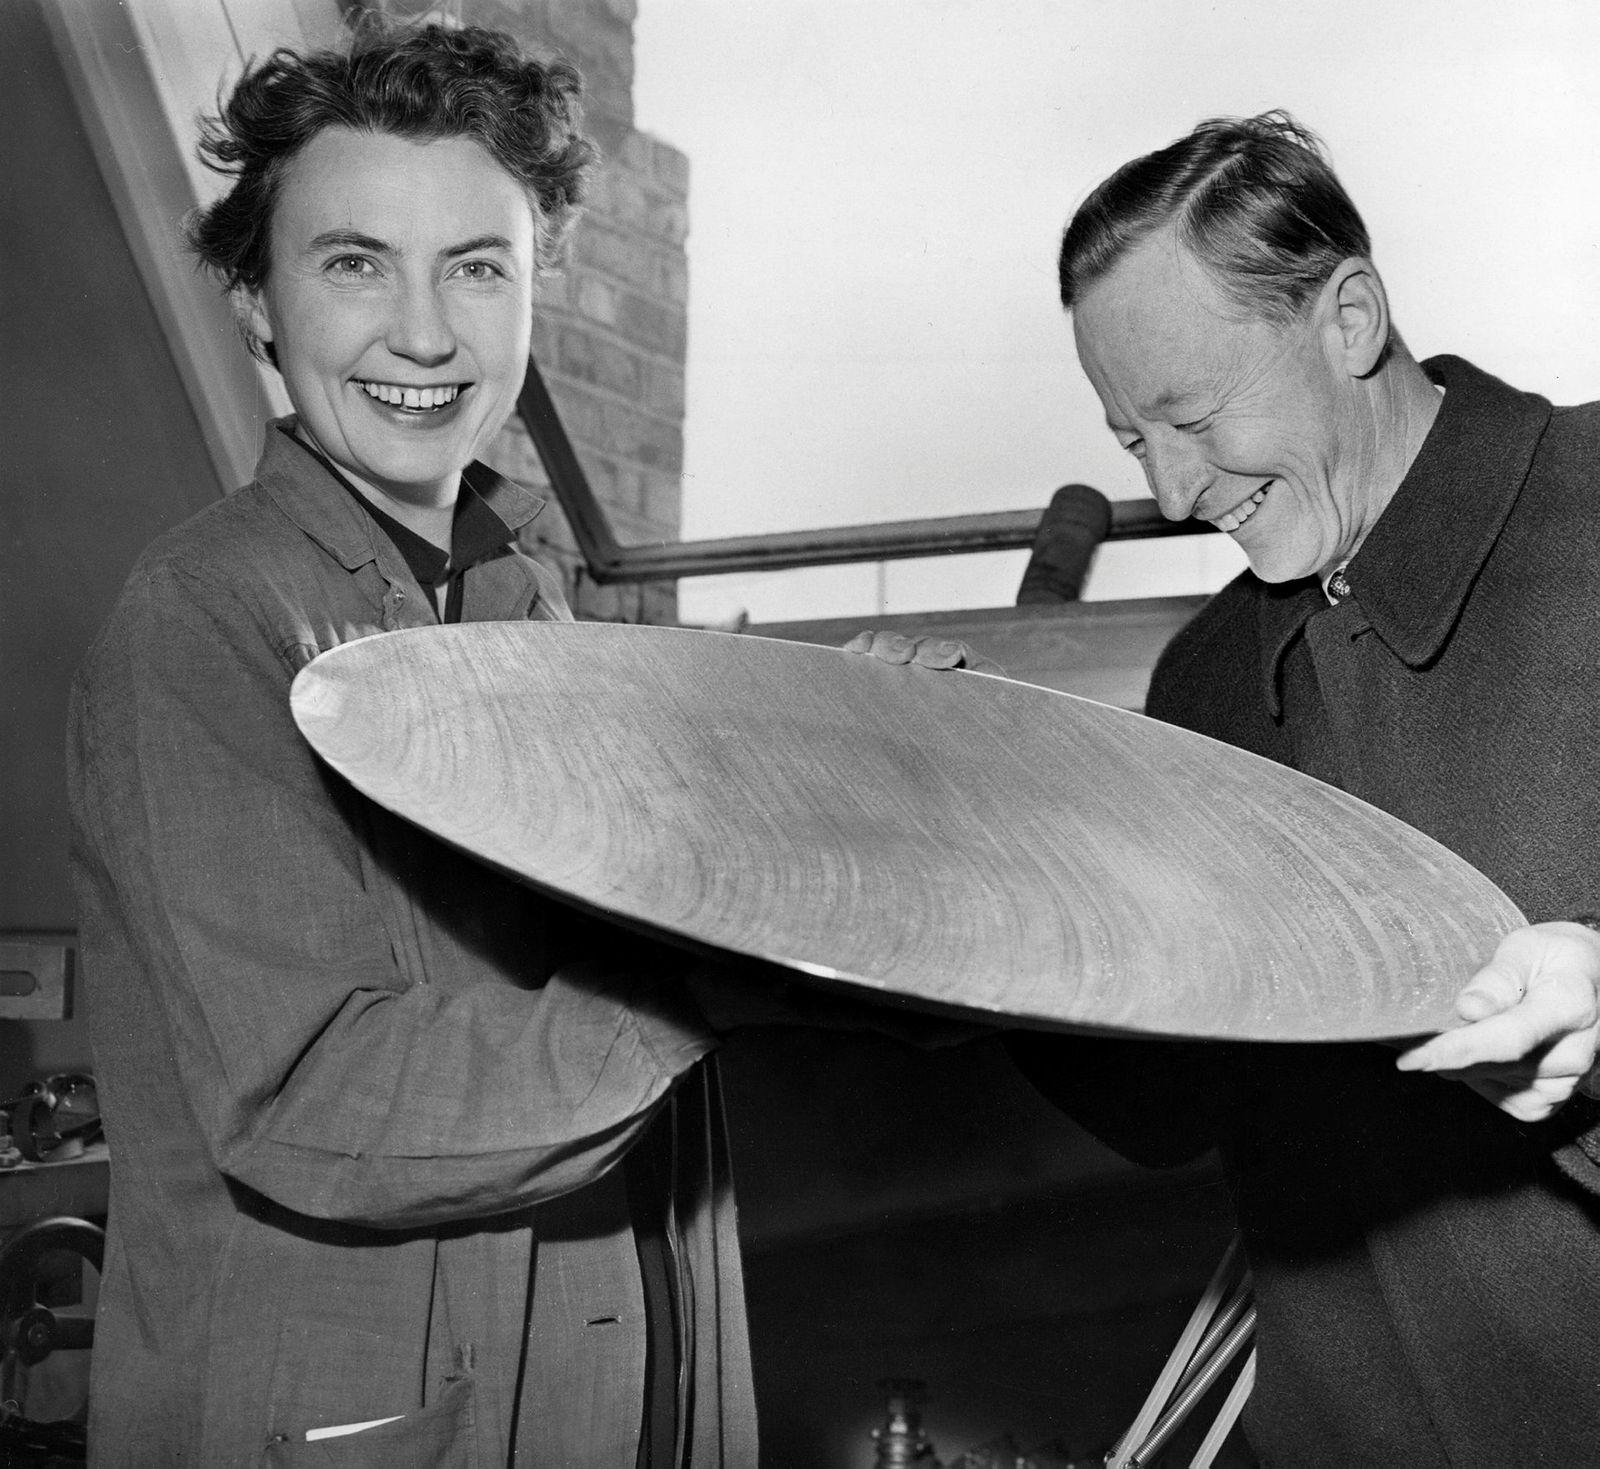 Ekteparet Arne Korsmo og Grete Prytz Kittelsen var kjent som et av de mest glamorøse parene i norsk modernistisk formgivning.